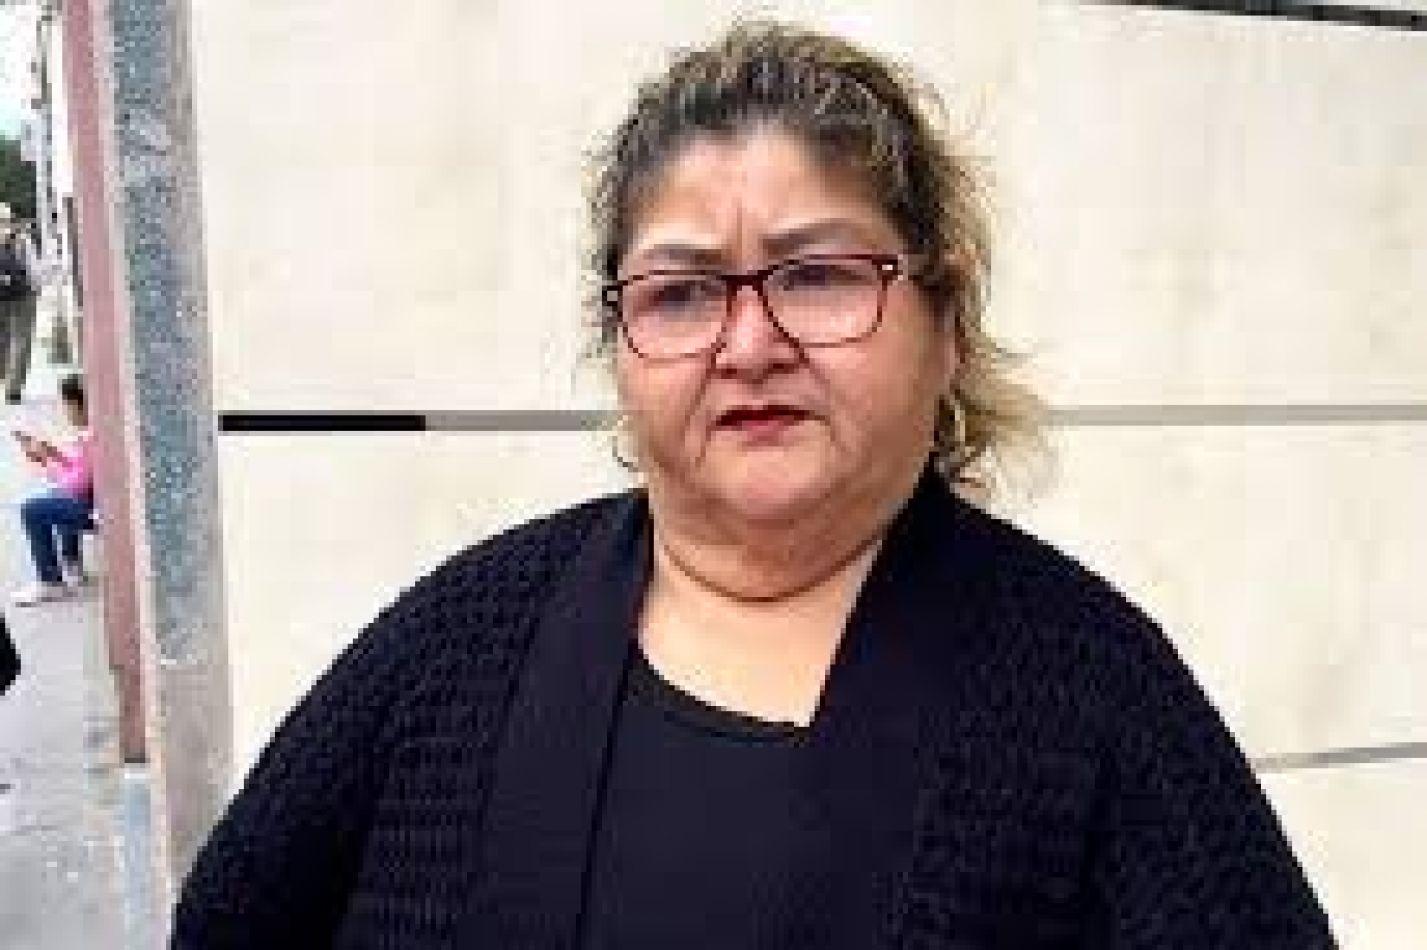 Graciela López, detenida de la Tupac otra vez está confinada en celda de castigo